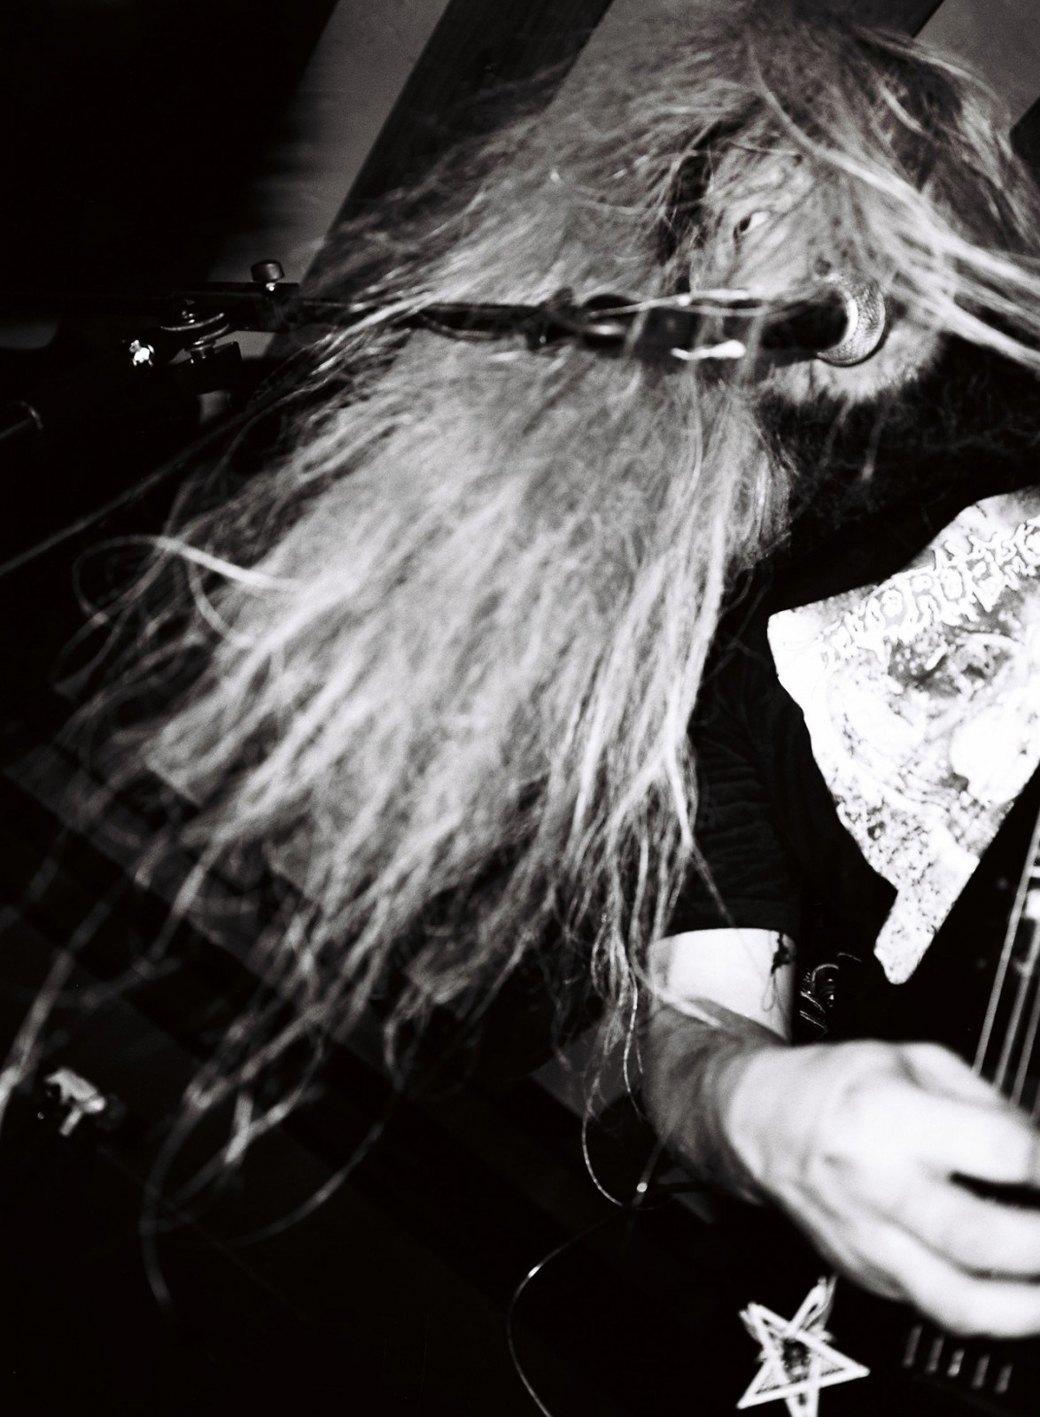 Азиатский андеграунд: Панк, грайндкор и экстремальный метал по-вьетнамски . Изображение № 15.